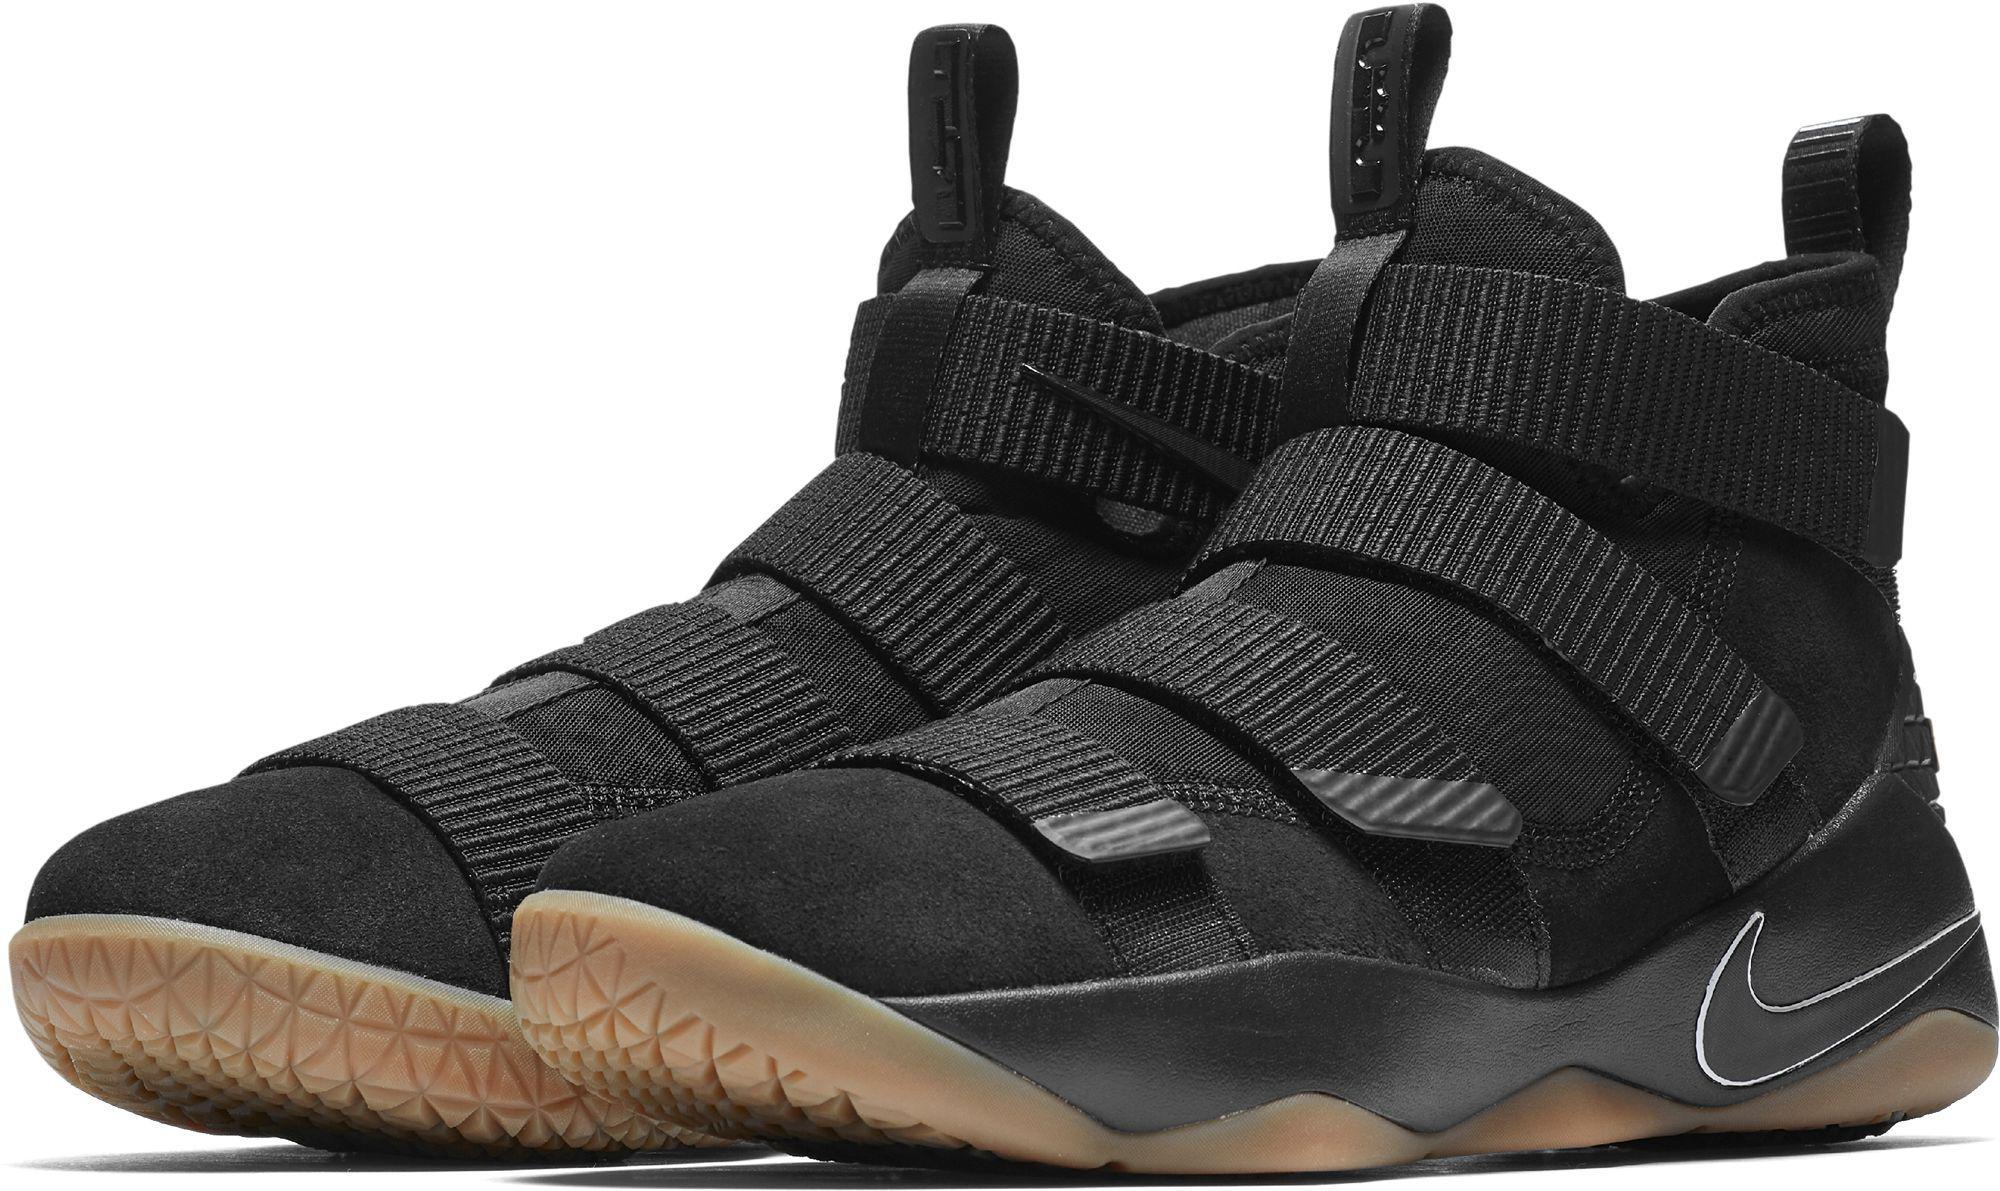 Footwear Nike Lebron Soldier XI Mens